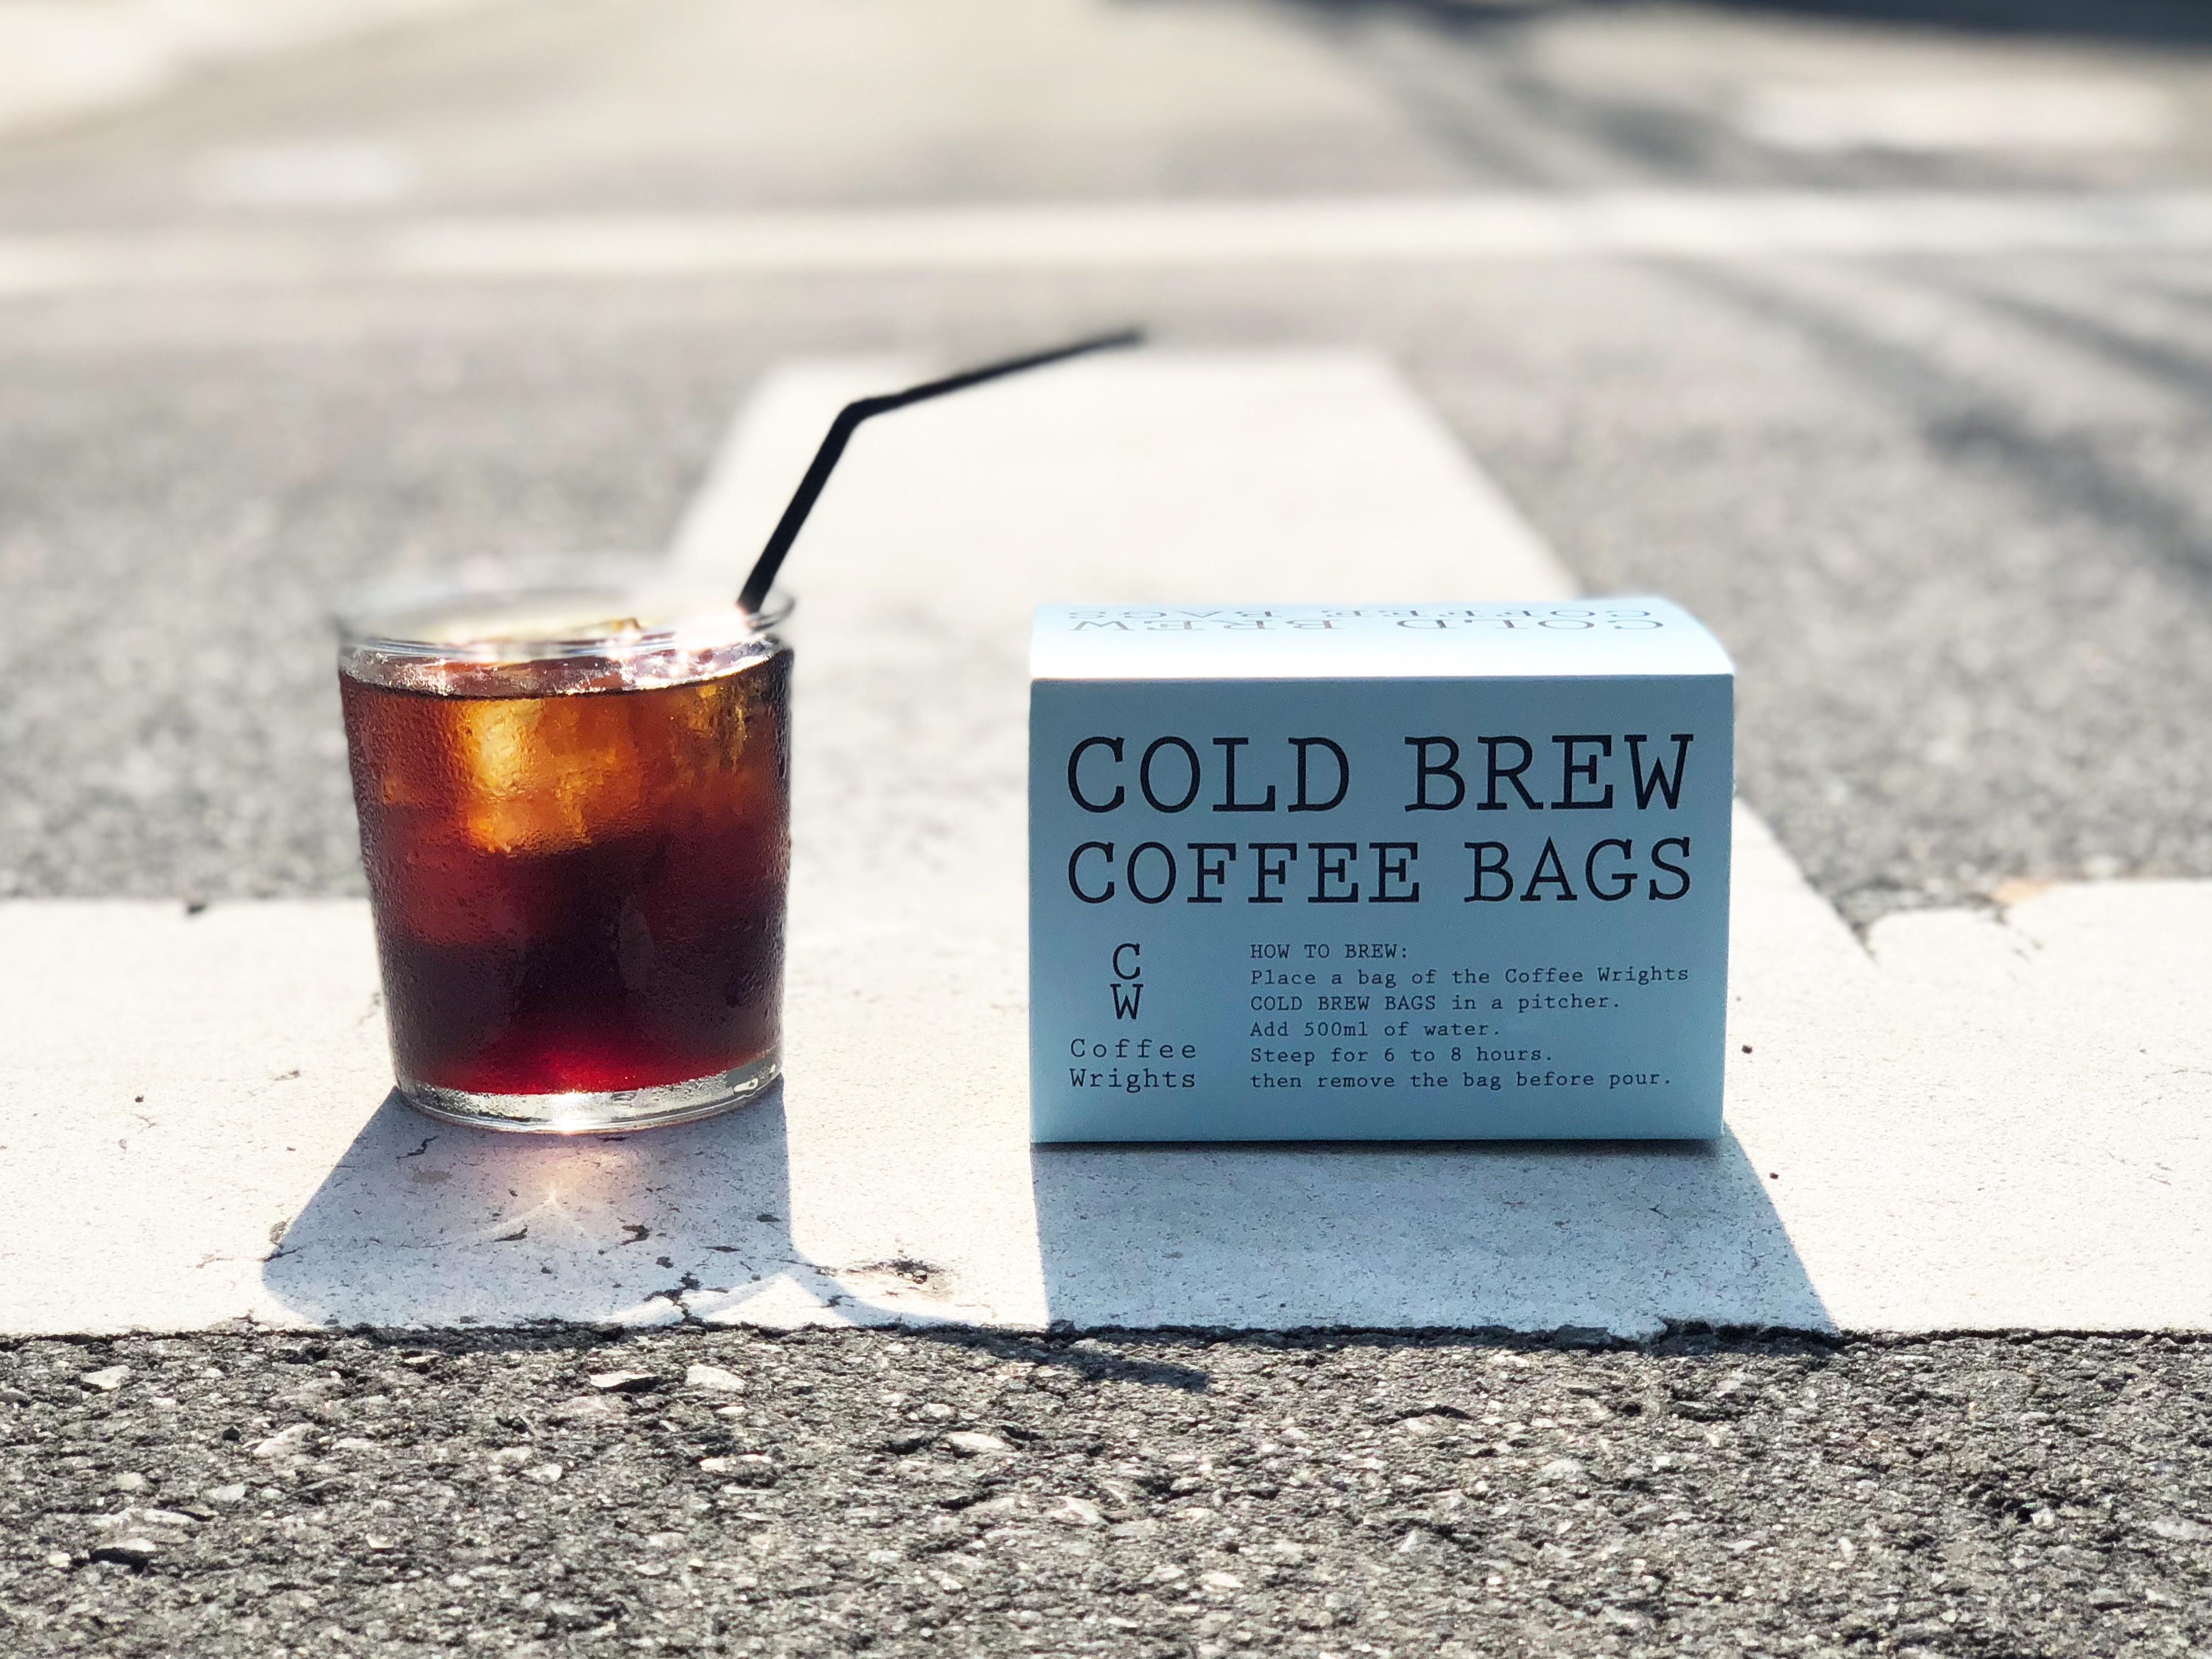 【コロンビア】COLD BREW COFFEE BAGS / コールドブリュー コーヒーバッグ・水出しコーヒー